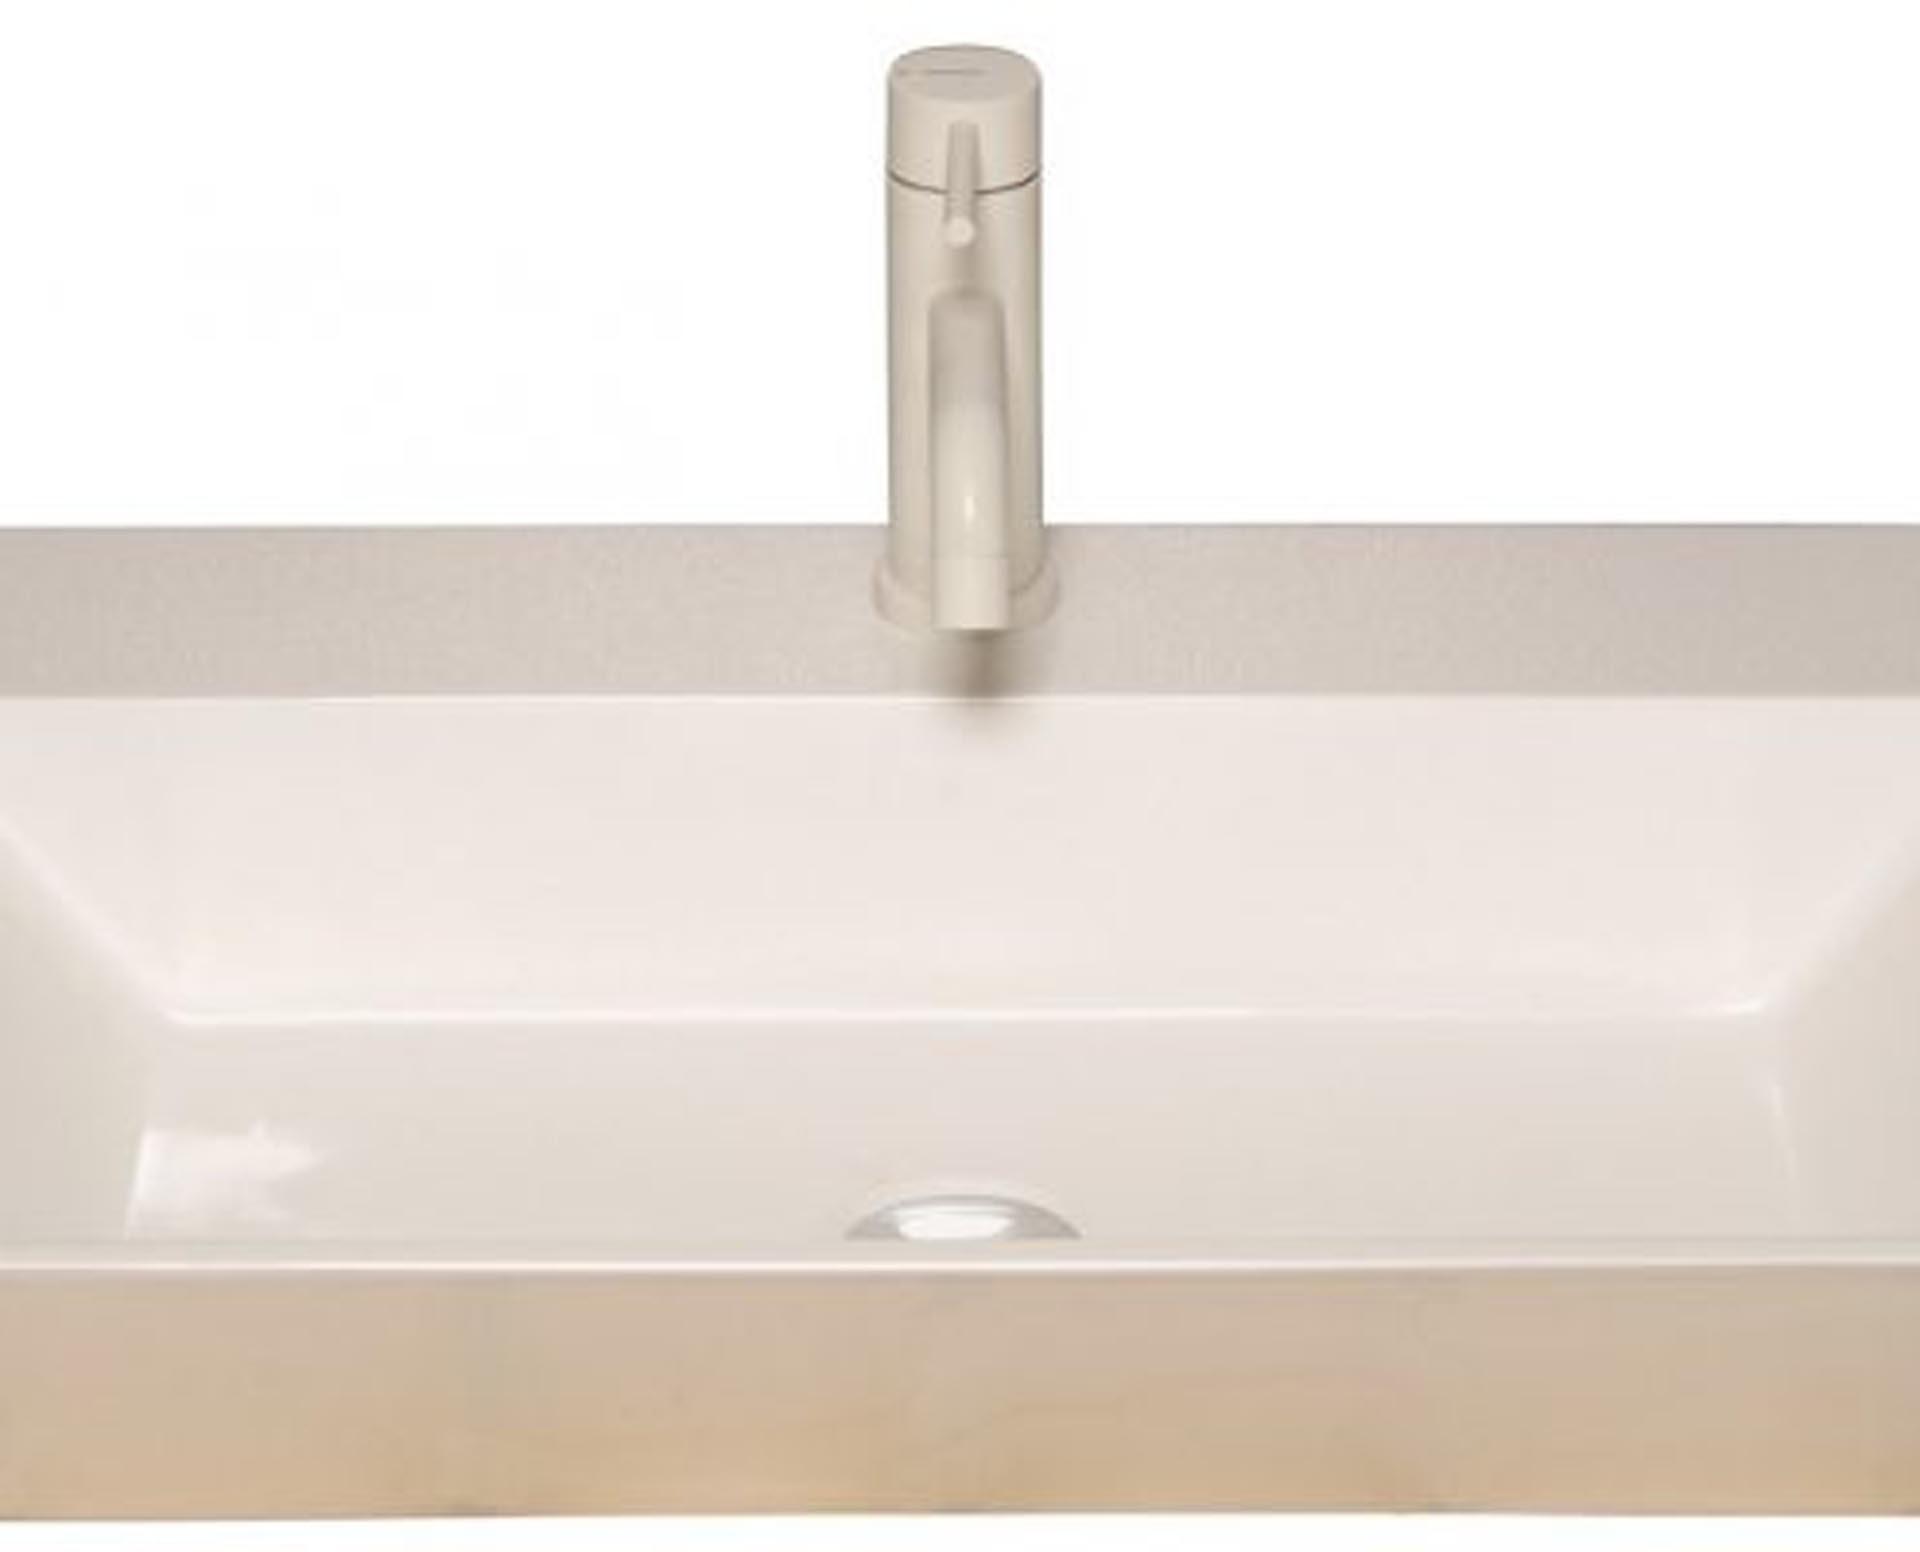 Flot designhåndvask i Kunstmarmor (Top-Solid). Vasken er lavet i hvid højglans komposit, som gør den meget nem at holde ren. Vasken har målene: 60,5 x 35,5 x 10 cm. Vasken tåler alle former for rengøringsmidler. Vasken kan bruges som fritstående vask - da vasken er flad i bunden er den velegnet til at placere direkte på en bordplade. Vasken er hensynsmæssigt designet med fine rundinger, som både giver vasken et eksklusivt udtryk og gør den rengøringsvenlig. Vasken vedligeholdes med voks - vi anbefaler en behandling med vores egen naturvoks ID12002 et par gange om året for at opnå optimalt look.